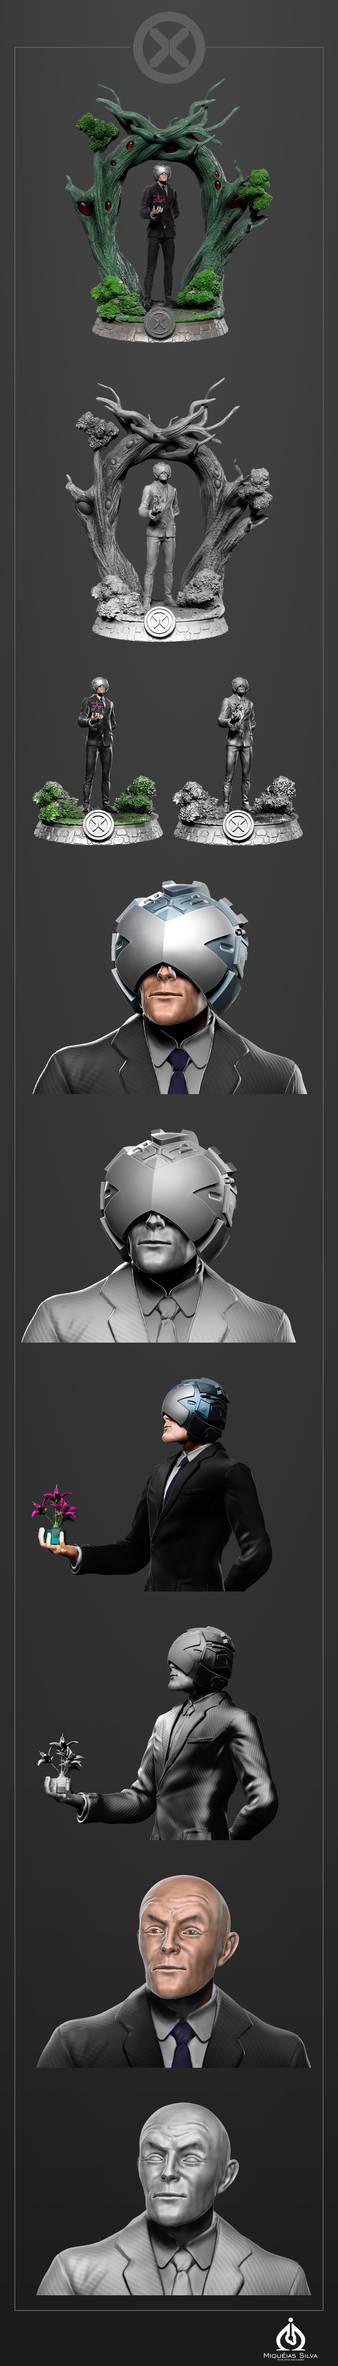 Professor Charles Xavier - Fanart